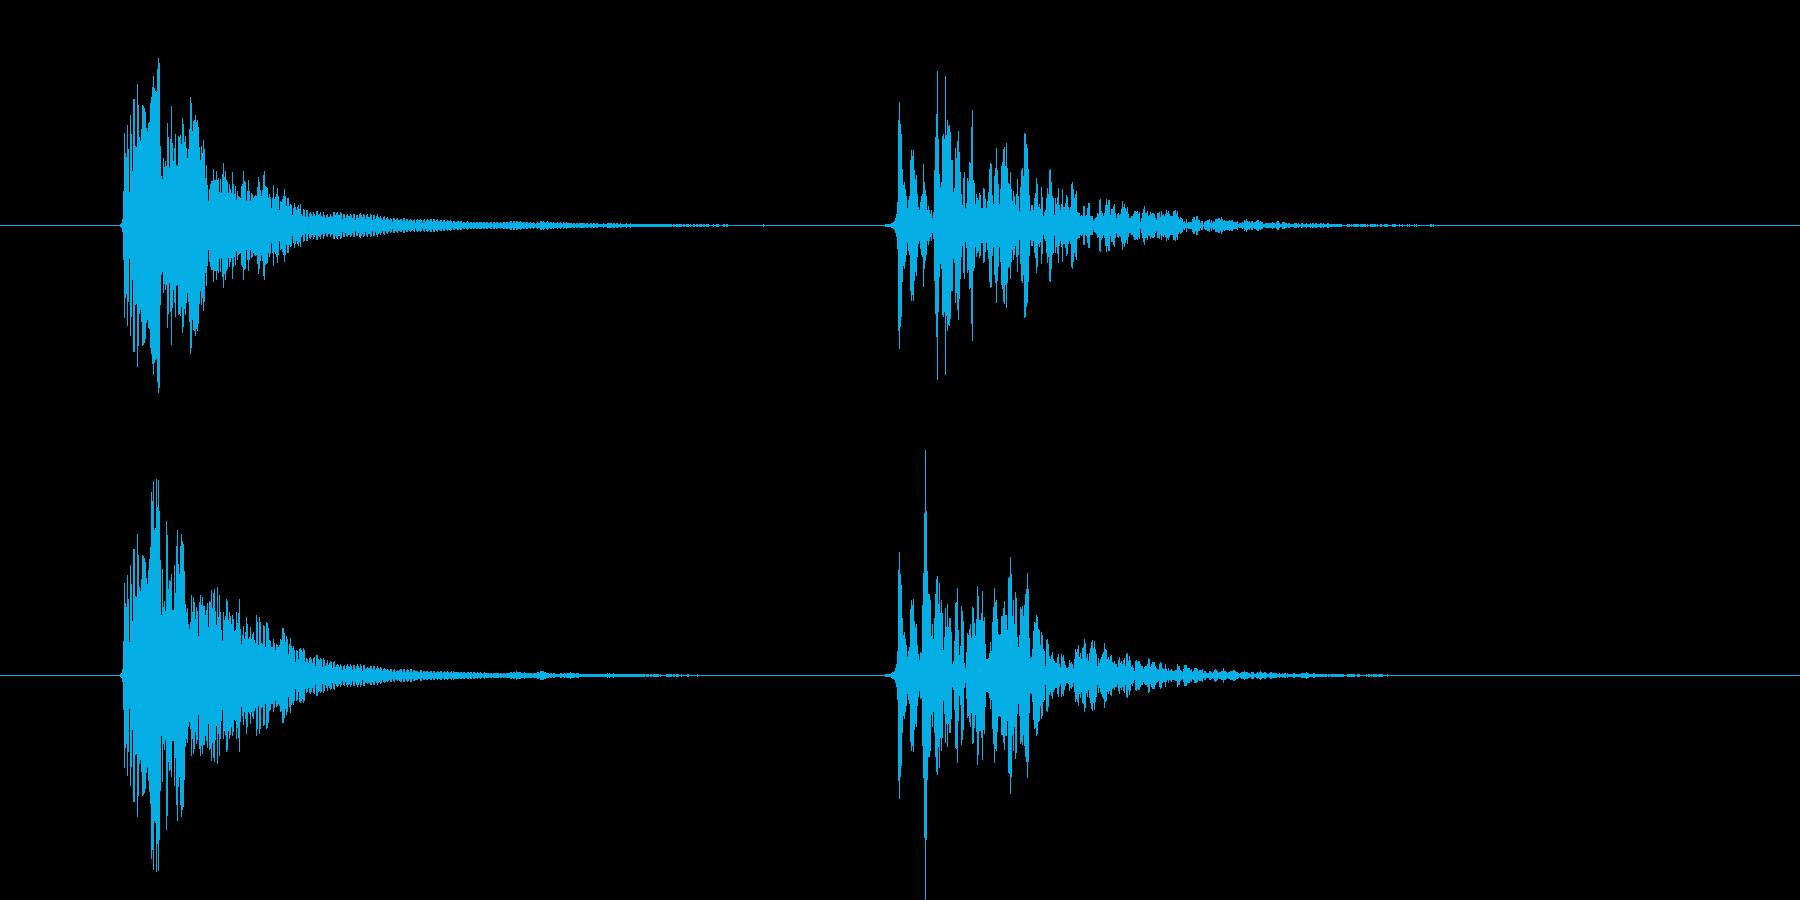 コルク栓やスクリューキャップを抜く音05の再生済みの波形